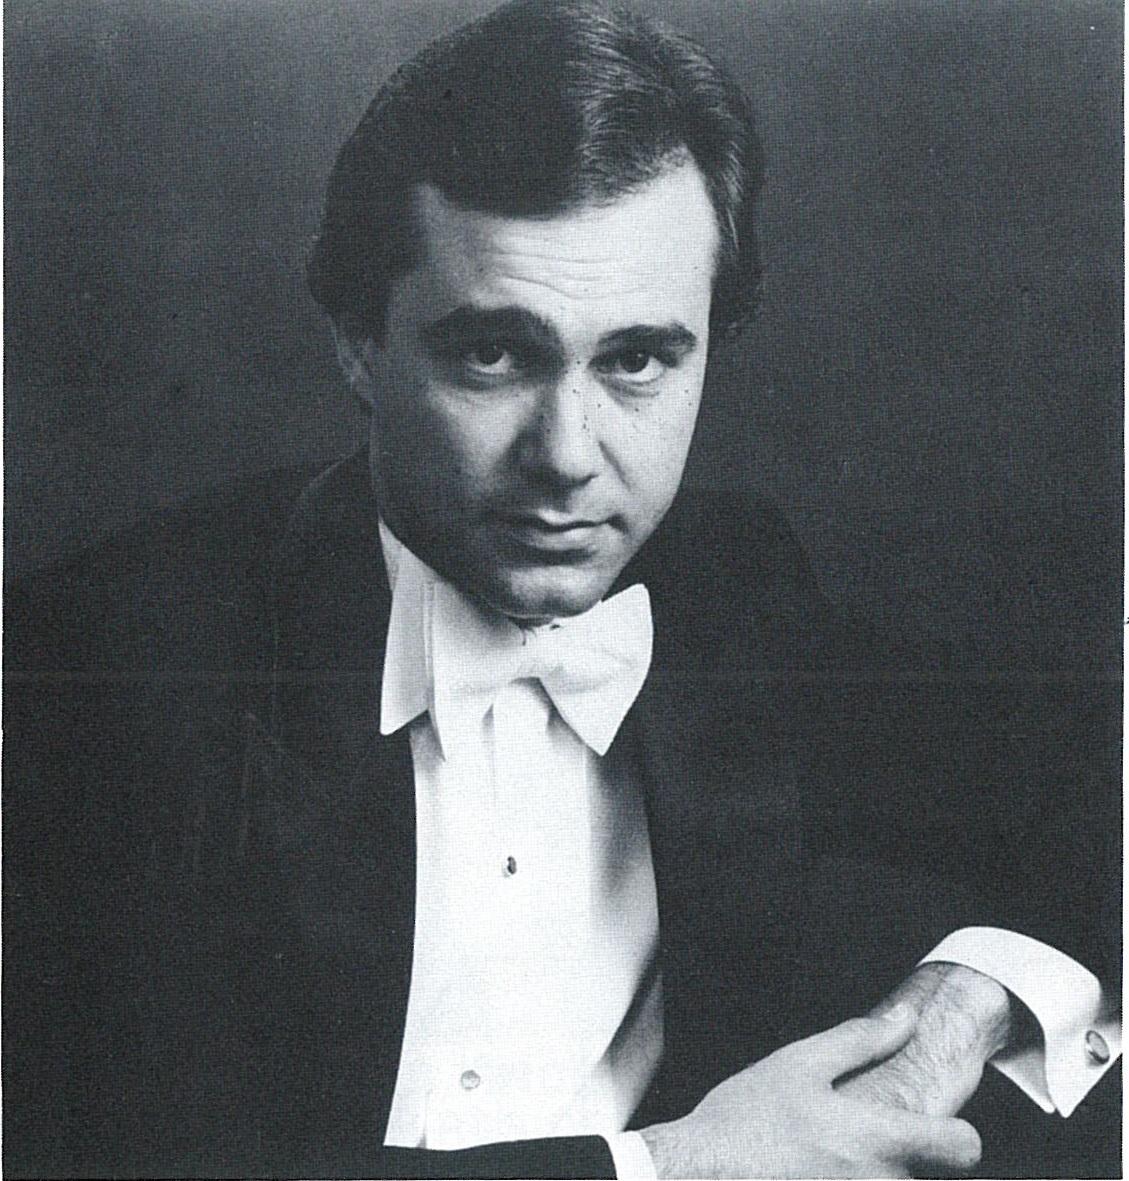 Une photographie du visage de Ermanno Florio